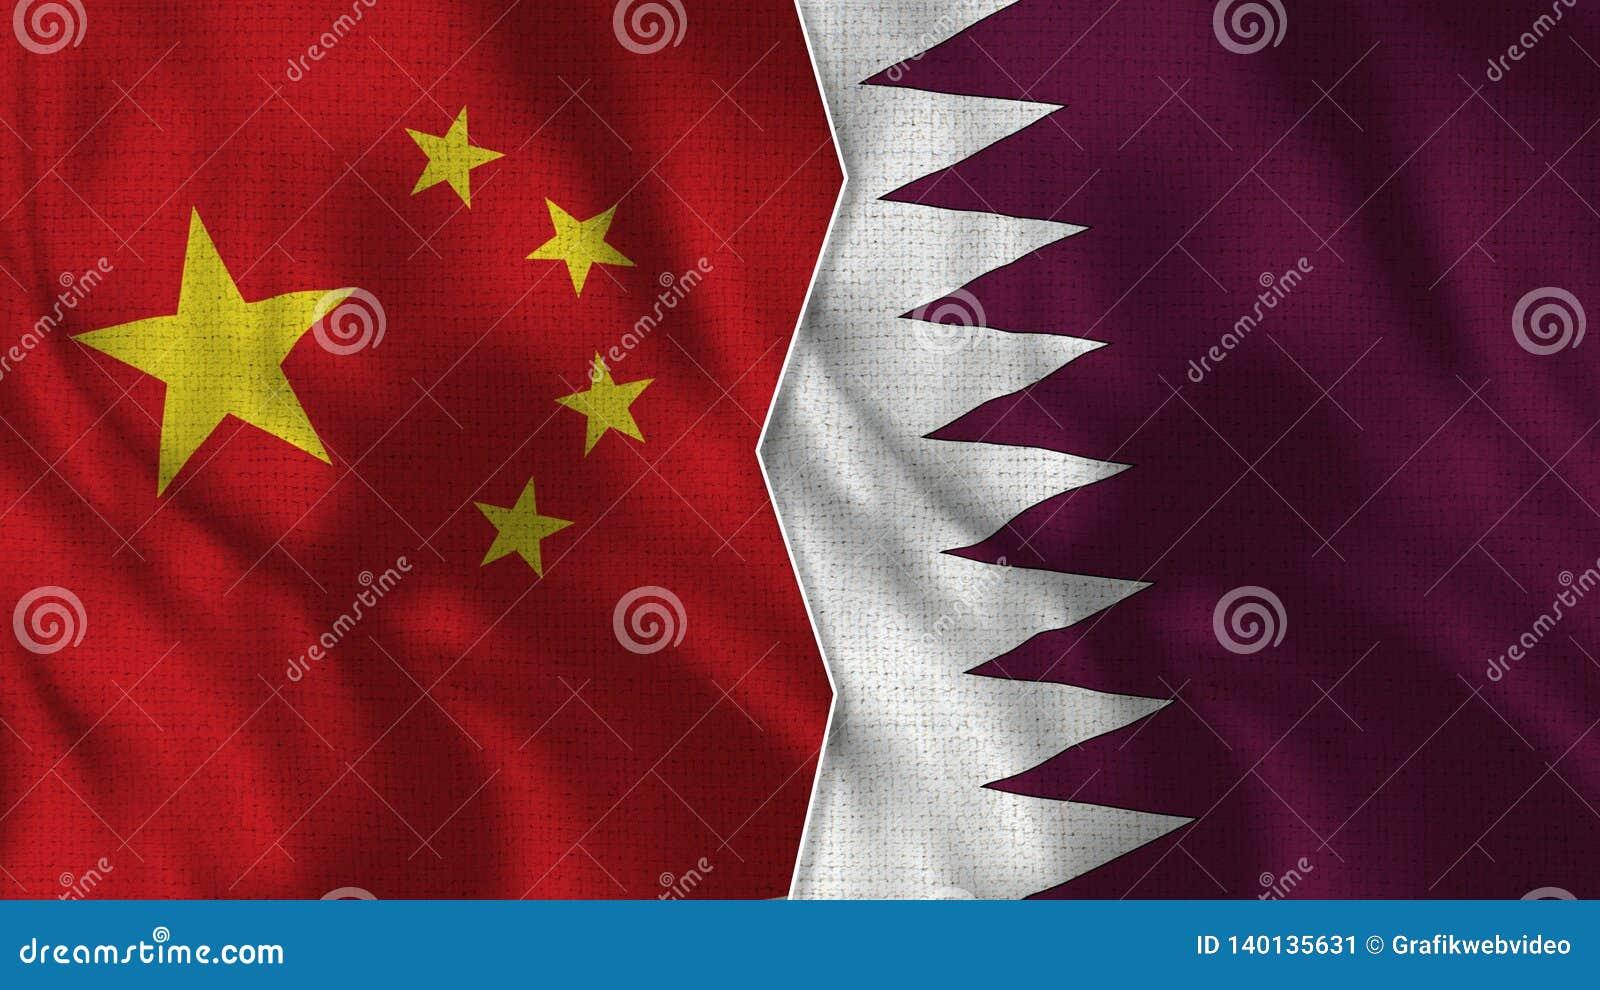 Demi drapeaux de la Chine et du Qatar ensemble